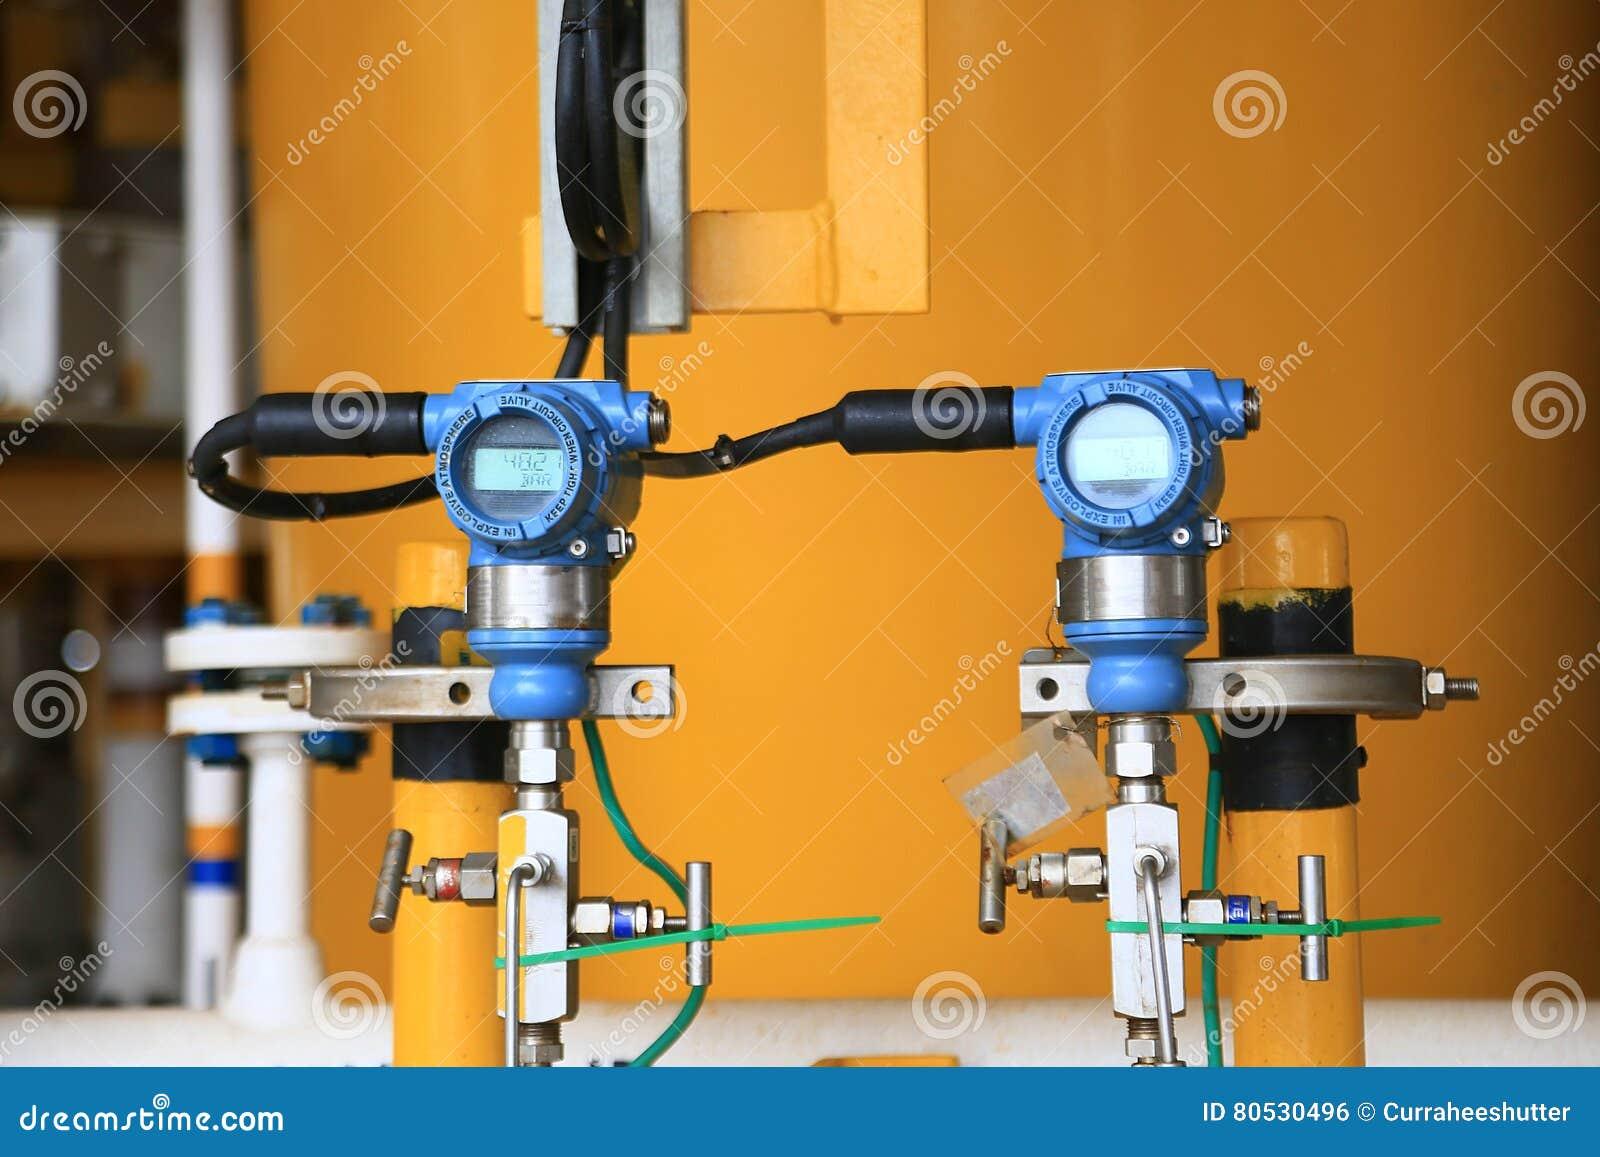 Trycksändaren i fossila bränslenprocess, överför signalen till kontrollant- och läsningtryck i systemet, elektronisk omformare